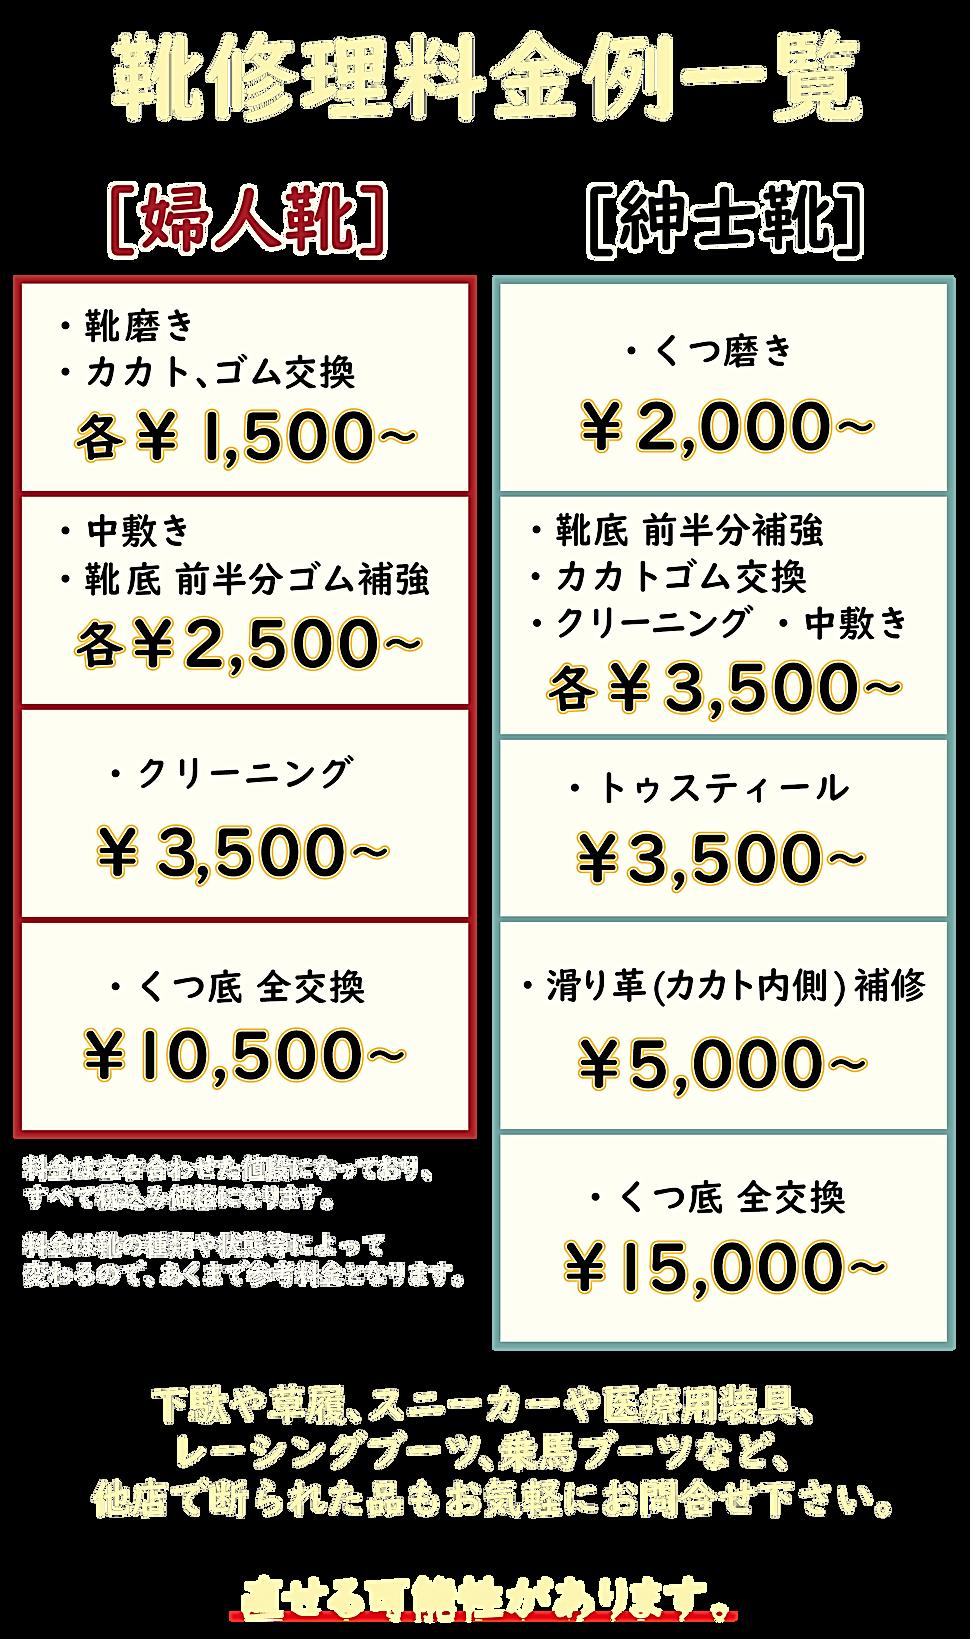 靴鞄修理坂庭靴修理料金表NEW.png